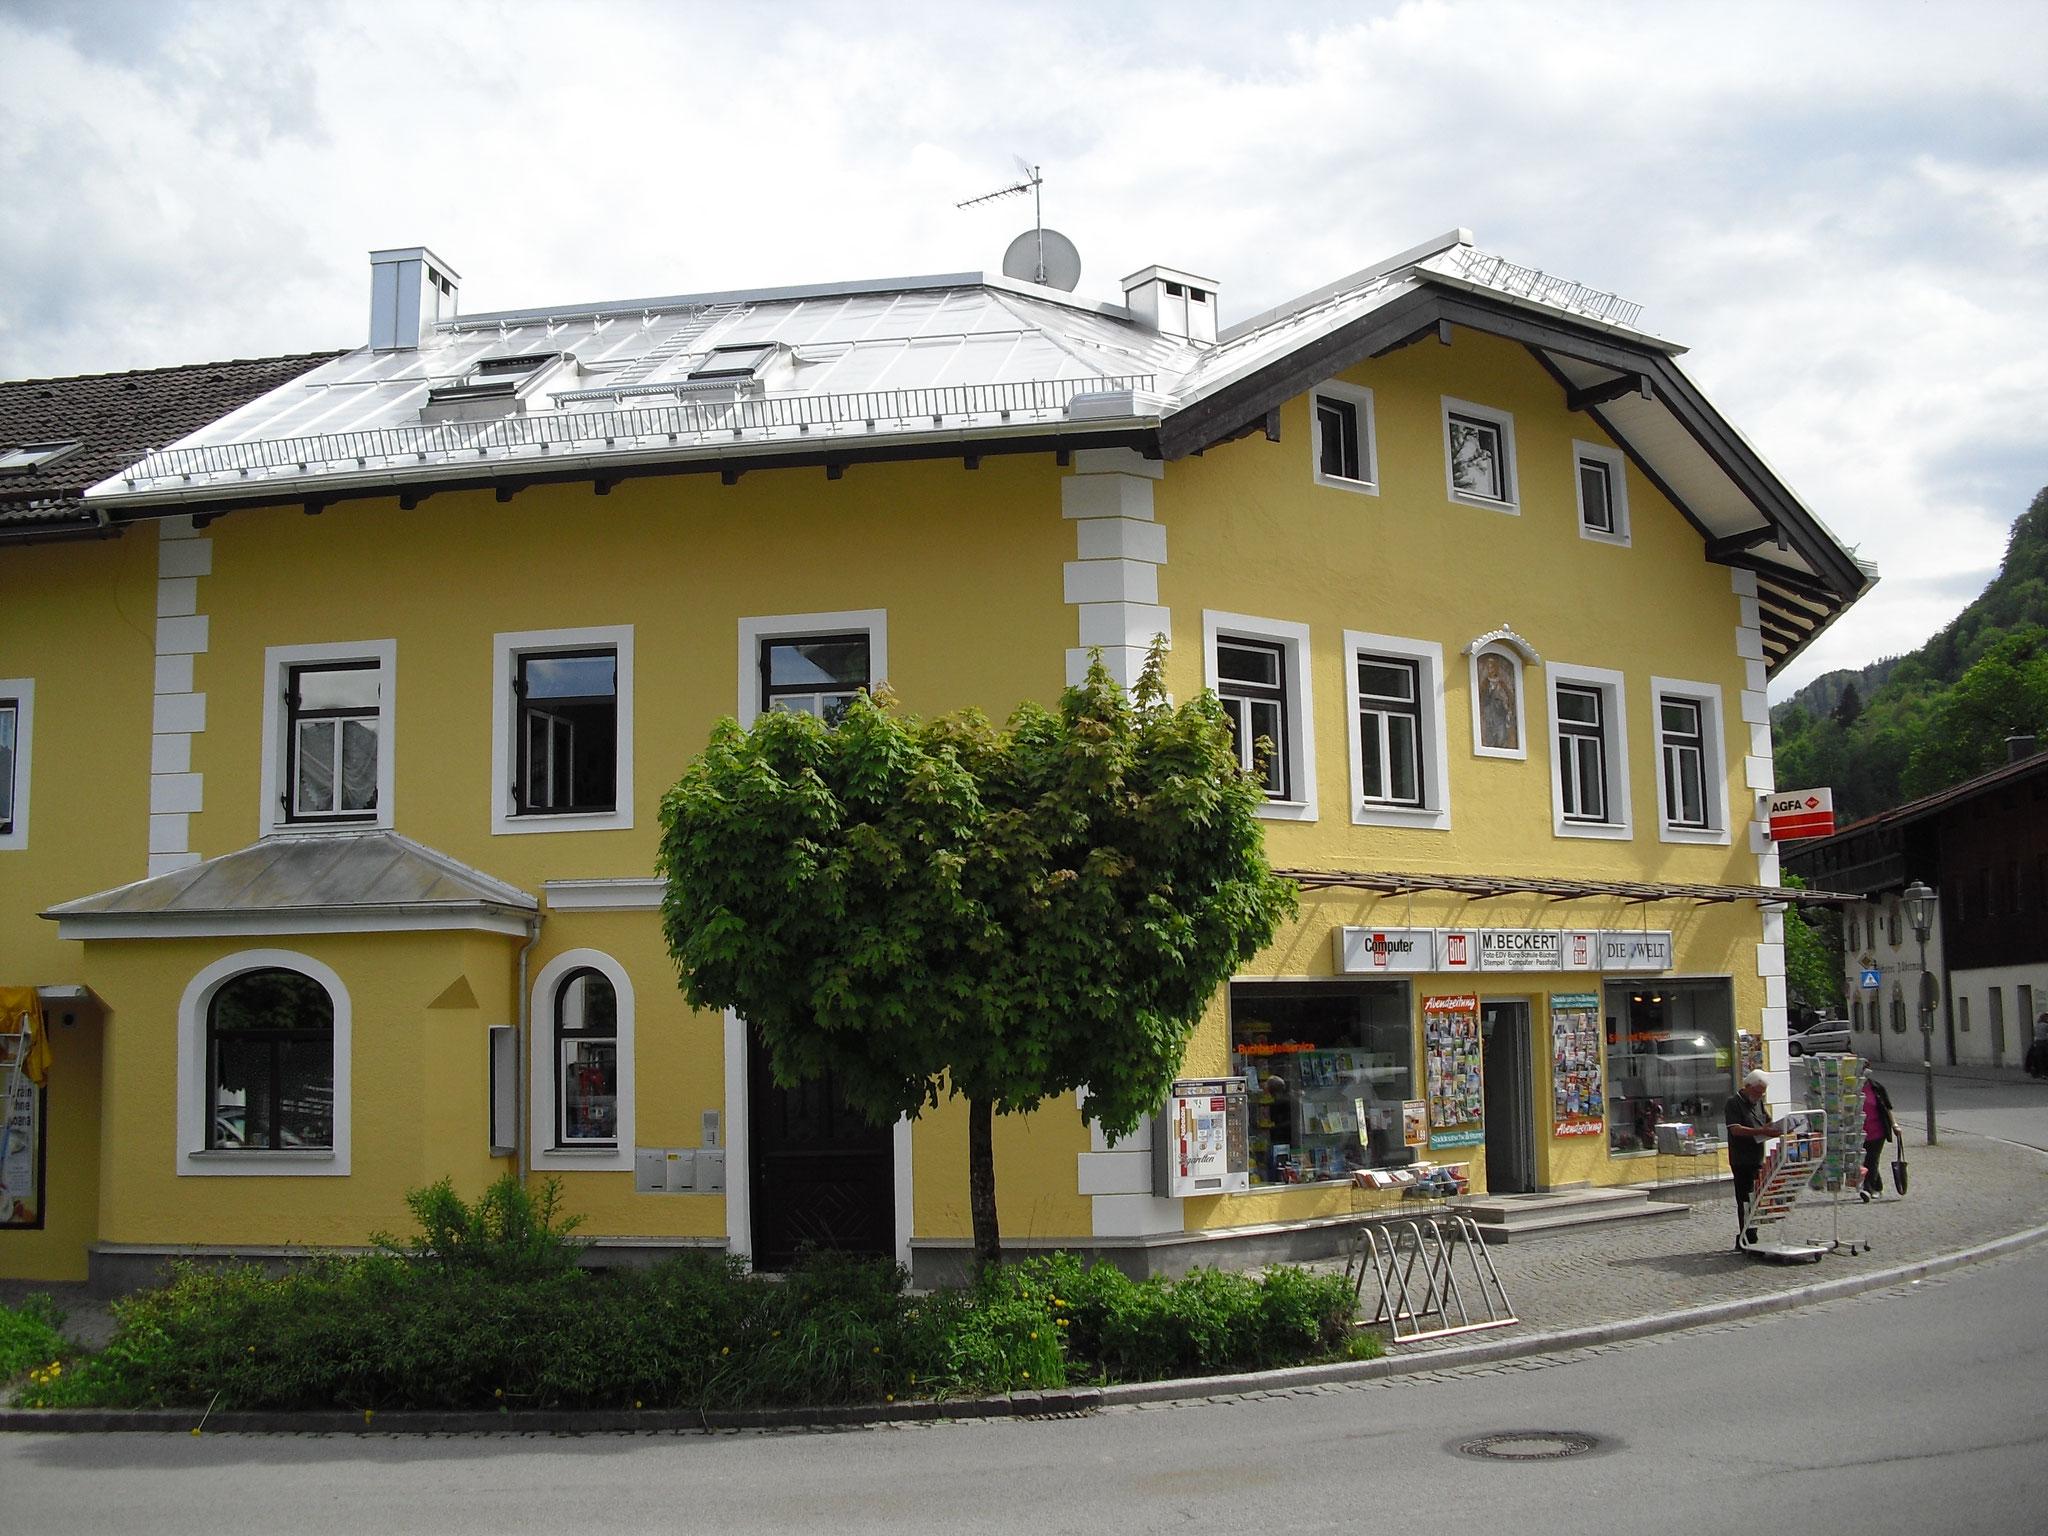 Metalleindeckung eines Geschäftshauses mit anspruchsvoller Dachgeometrie